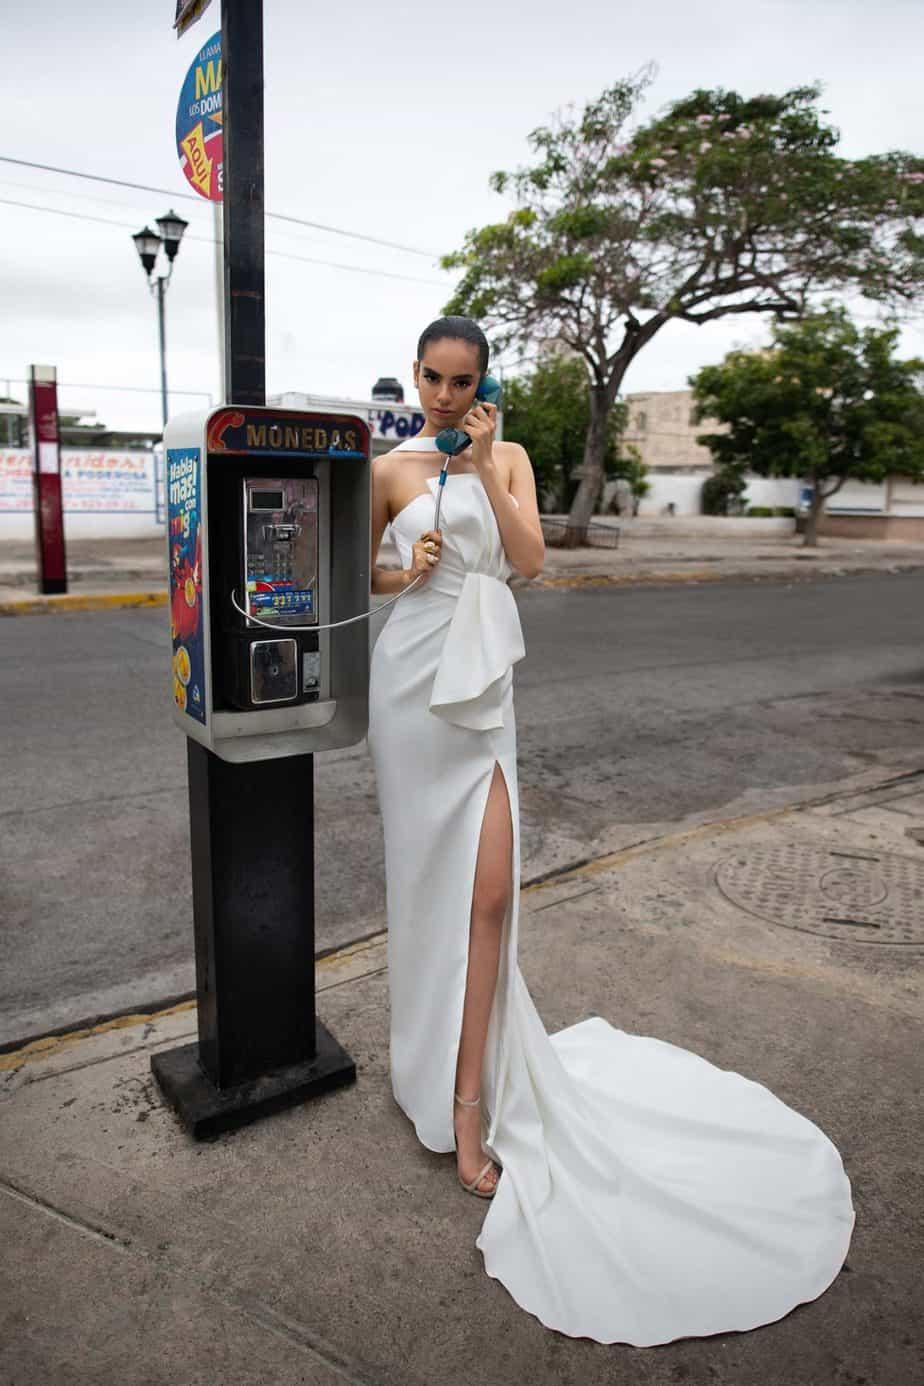 שמלת כלה של דילן פריאנטי קולקציית 2019. צילום: יח״צ - 2